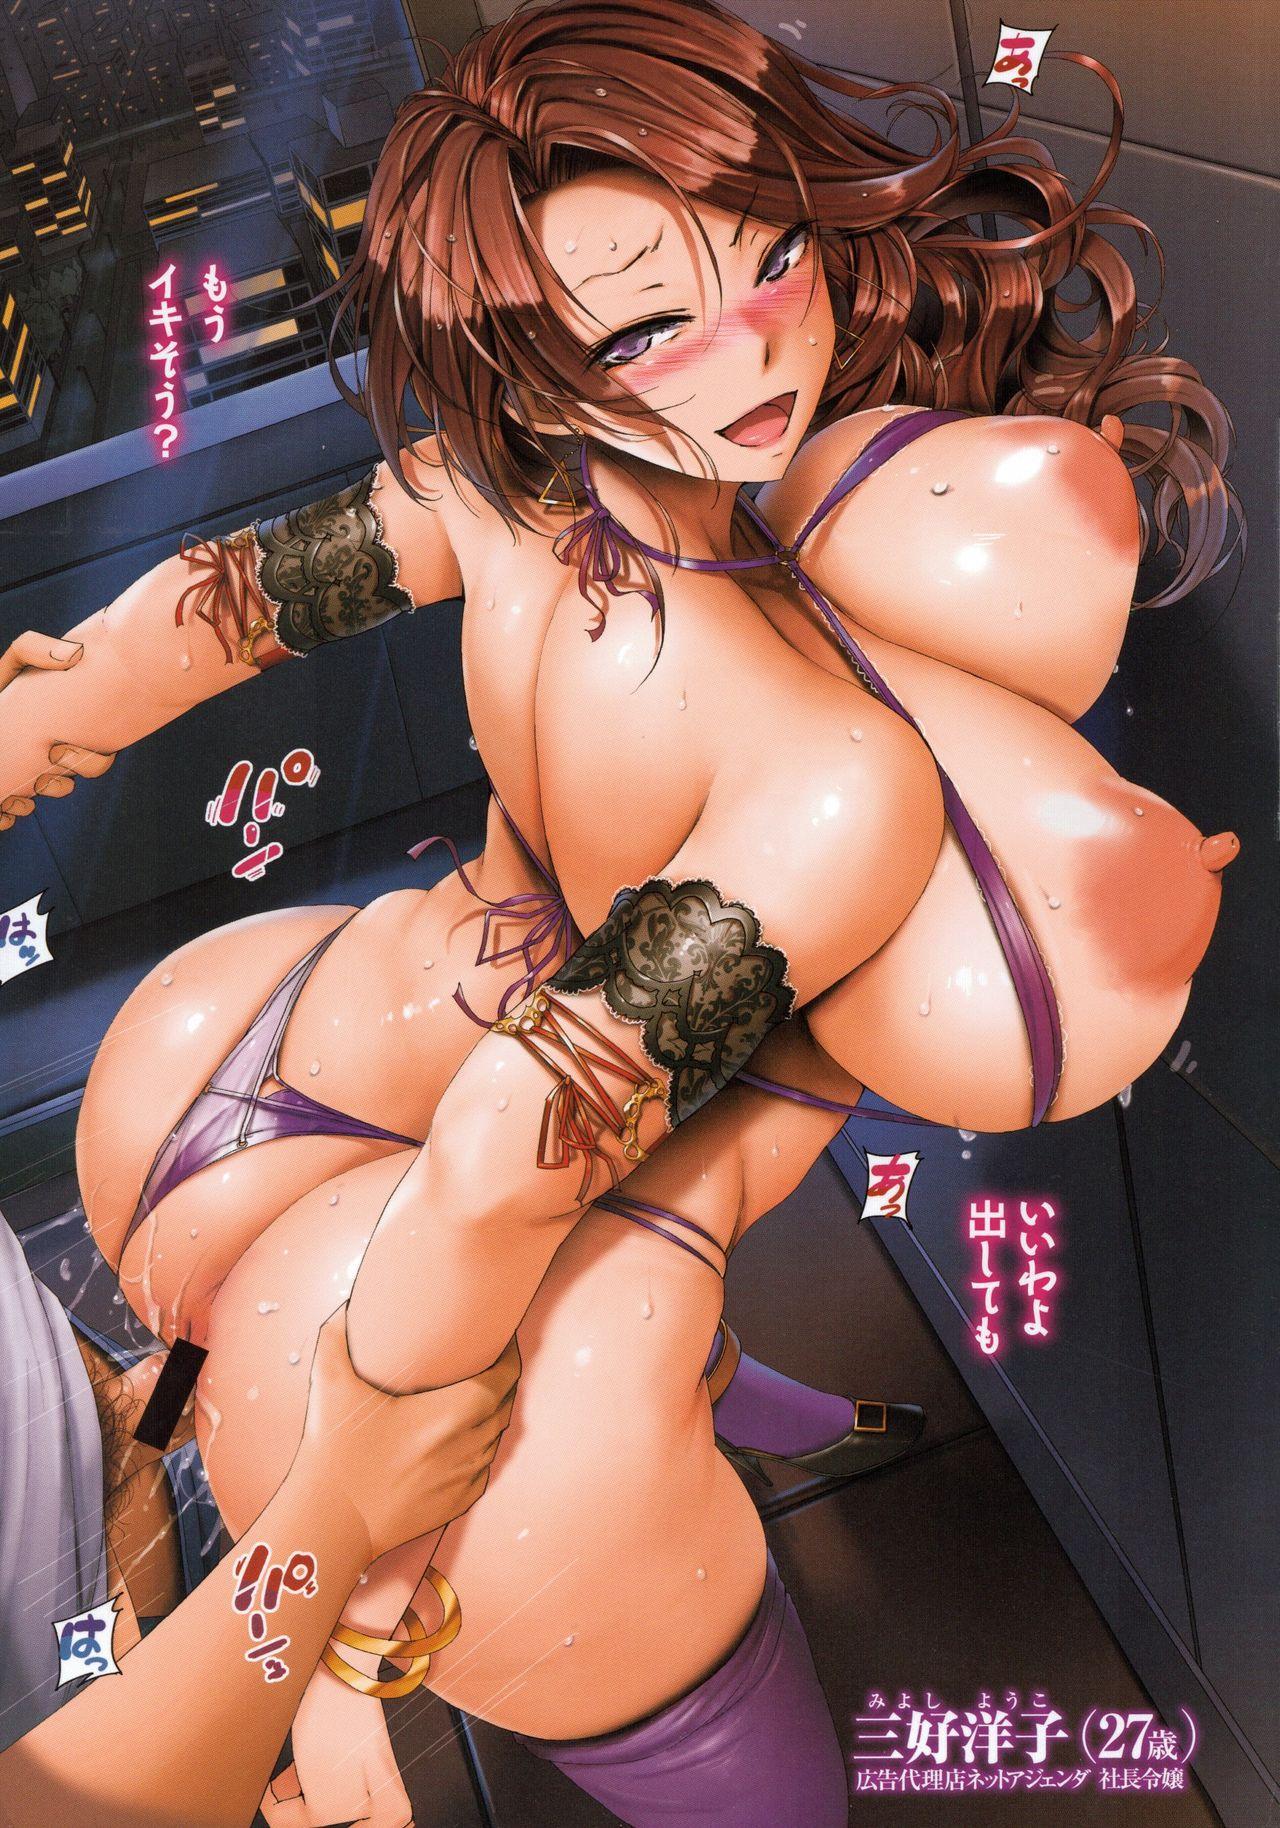 Musaboru Onna - Deeply Desire of Nasty Women 5